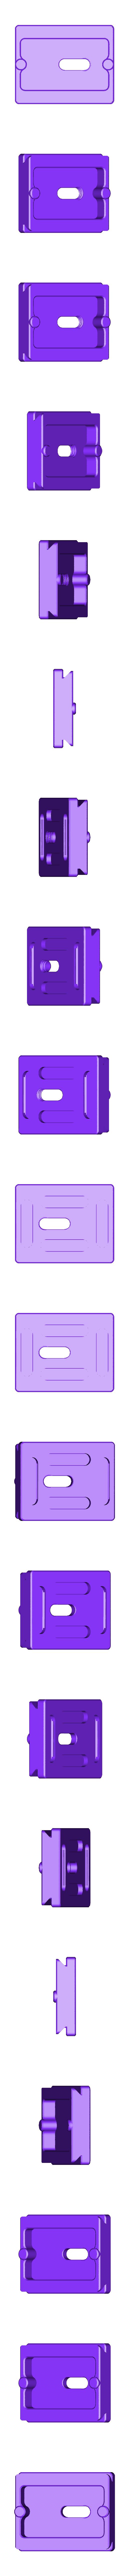 Plate Base.stl Télécharger fichier STL gratuit LiftPod - Support pliable multifonctionnel • Objet à imprimer en 3D, HeyVye